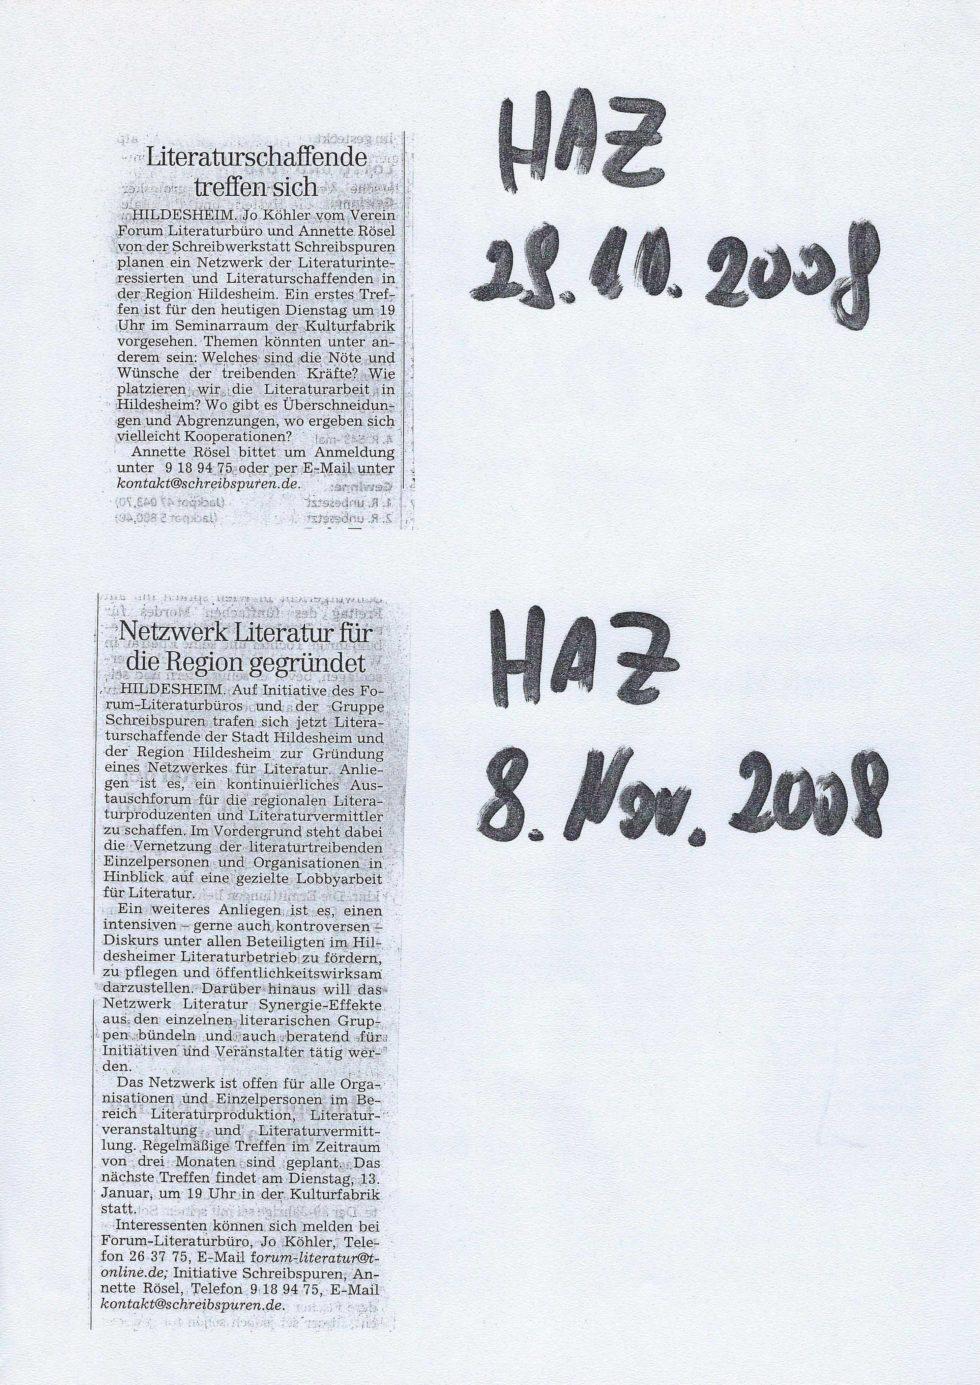 2008 LyrikPark Marienfriedhof, DLF und vieles mehr_Seite_43